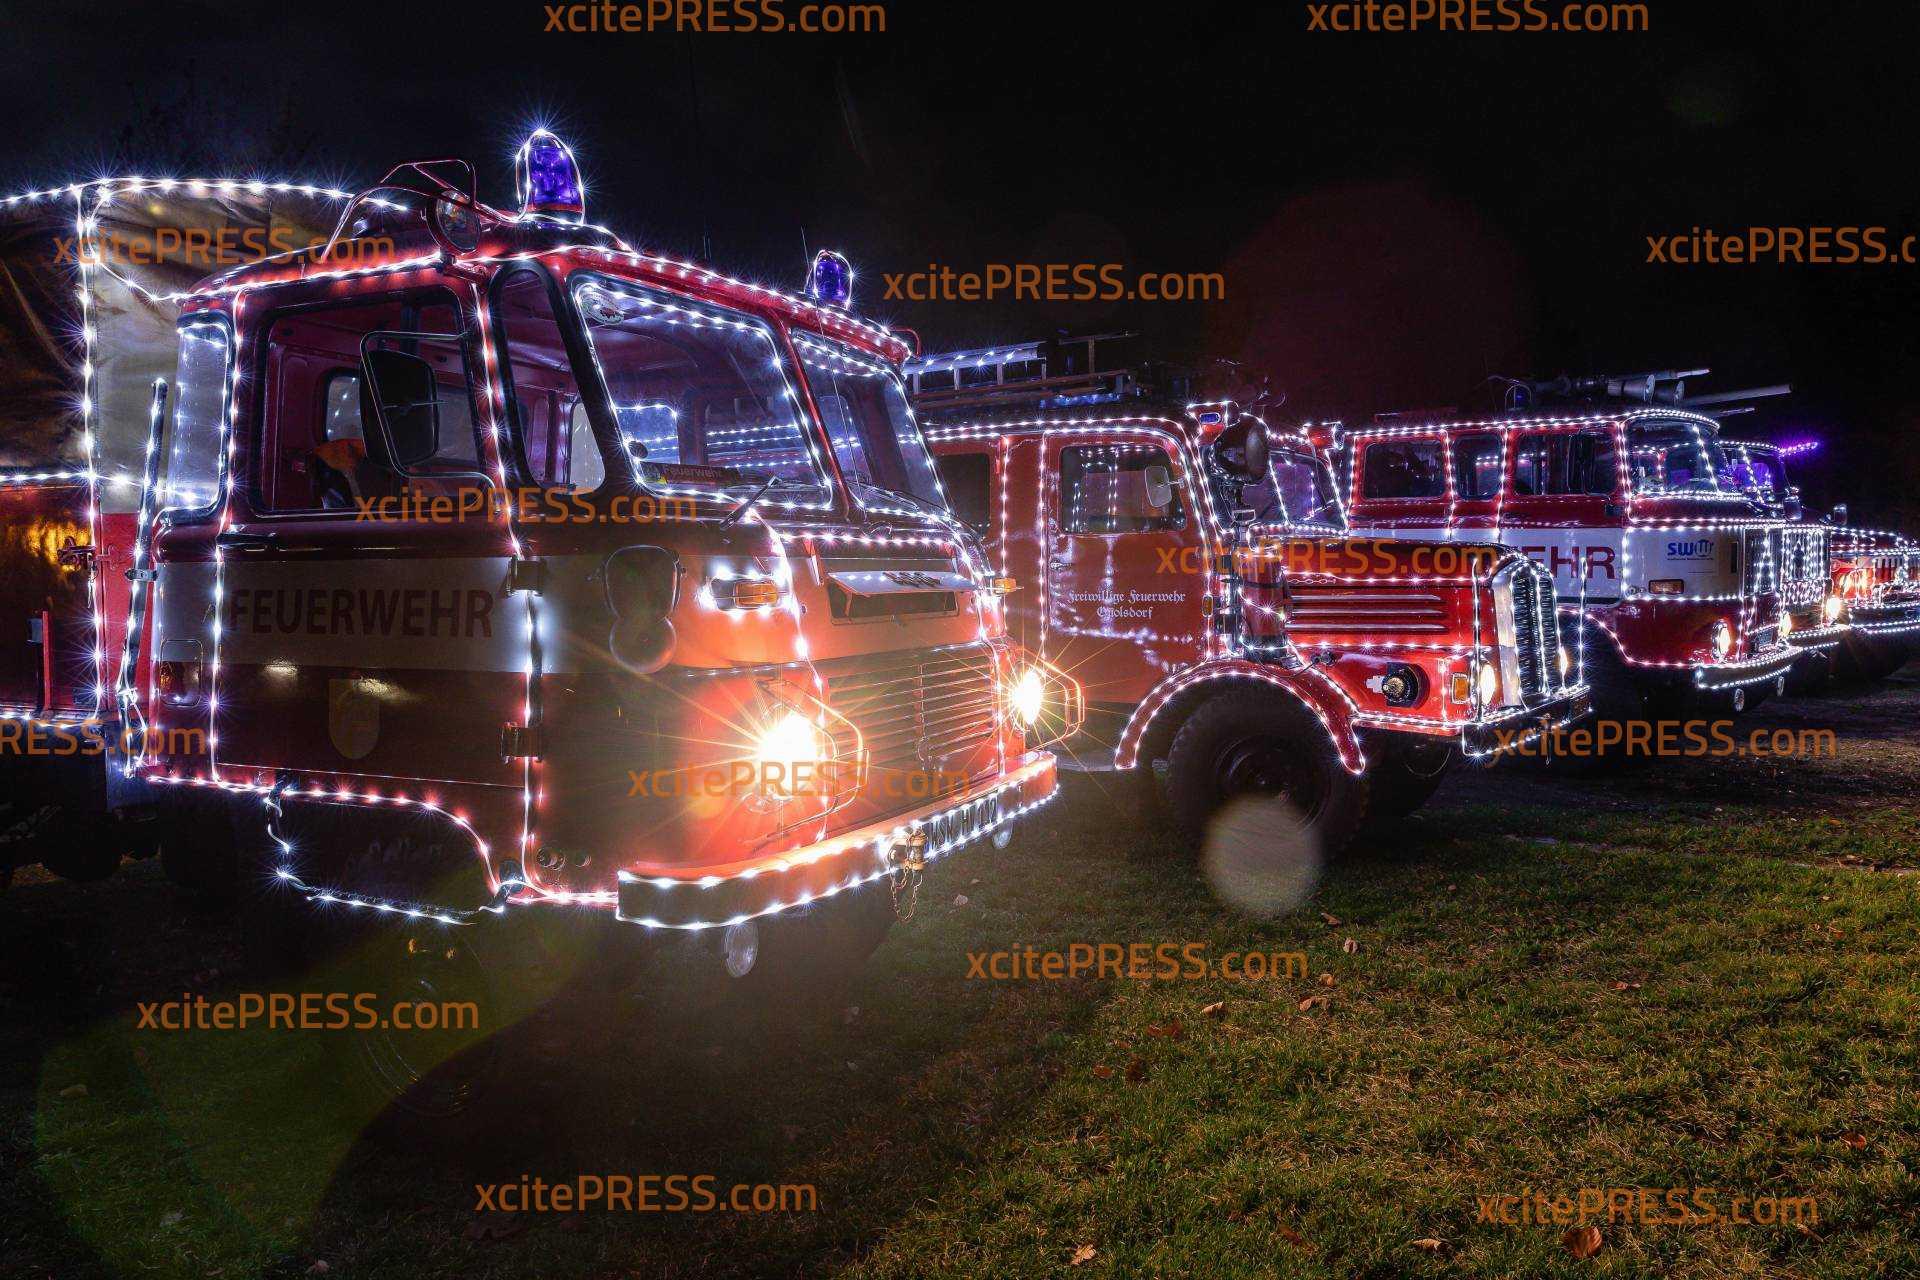 Corona zum Trotze - Lichterfahrt durch die Oberlausitz: Feuerwehr verbreitet Weihnachtsstimmung: Adventszeit eingeläutet, bevor am 1. Dezember die Ausgangssperre greift